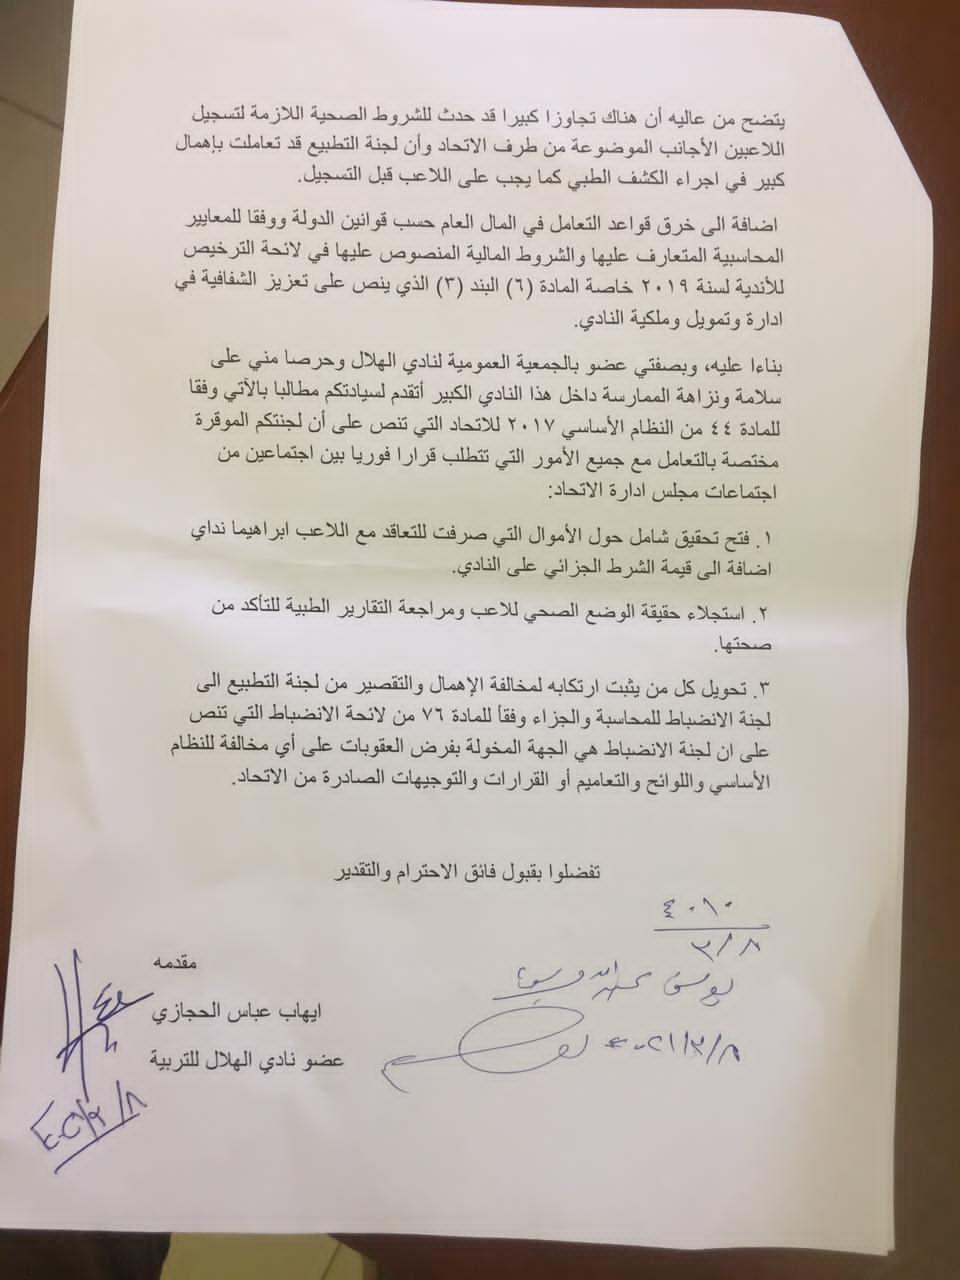 عضو بنادي الهلال يطلب التحقيق في تسجيل نداي